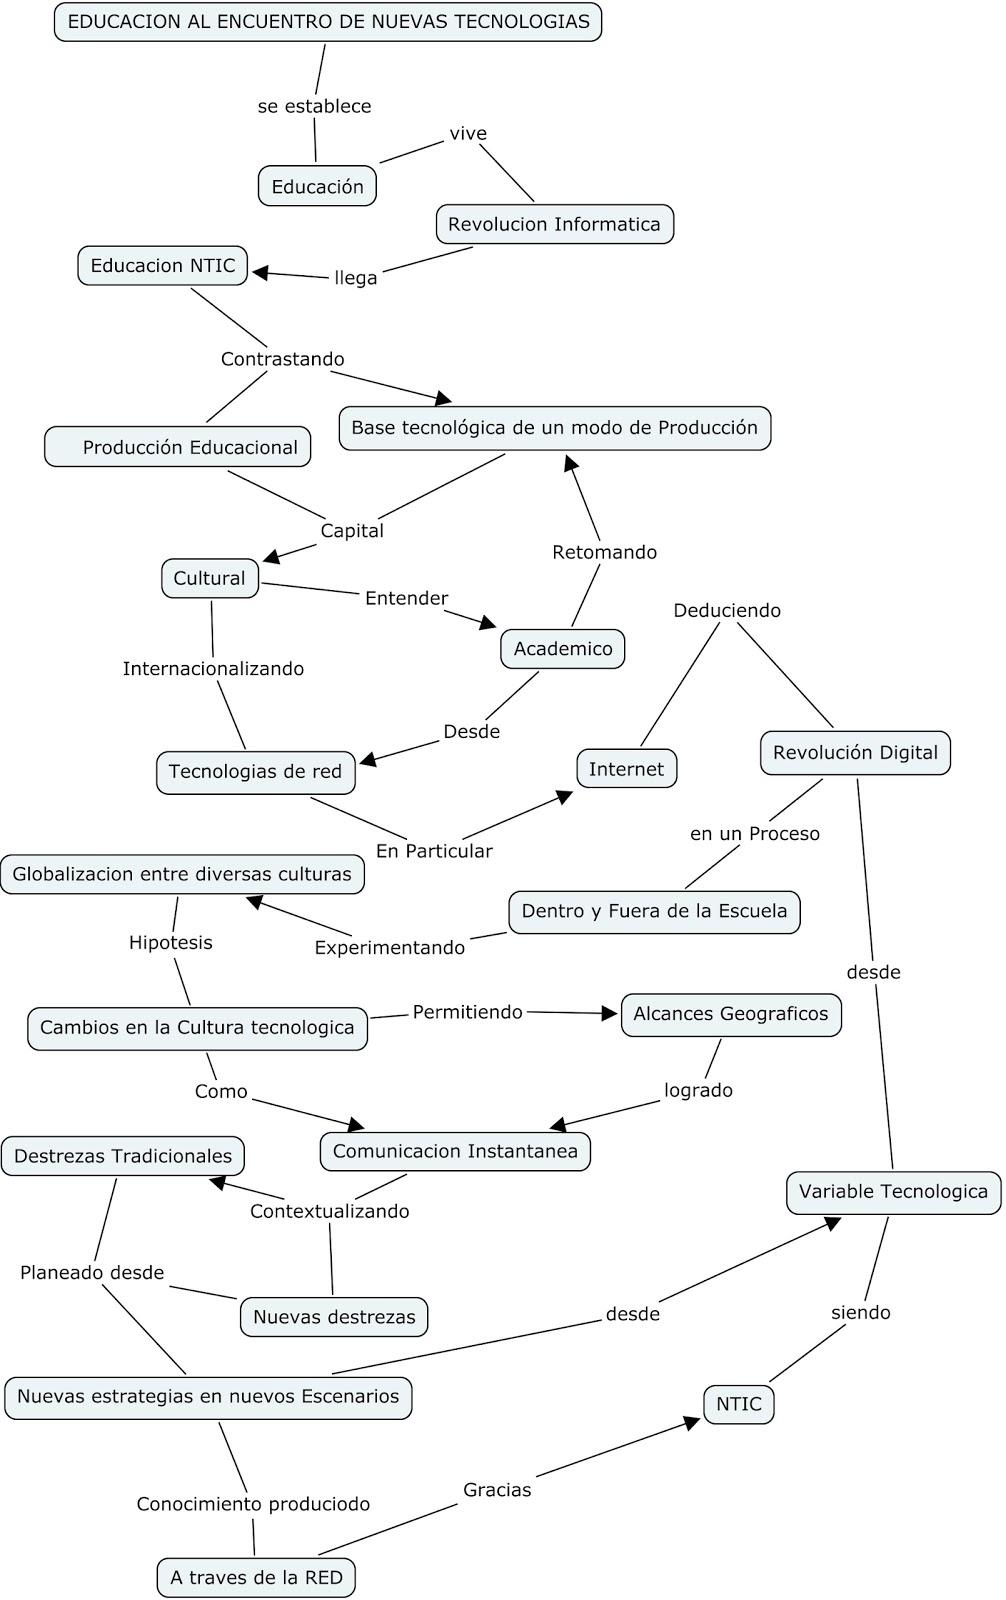 Competencias Pedagógicas en herramientas Web 2.0: La Educacion al ...